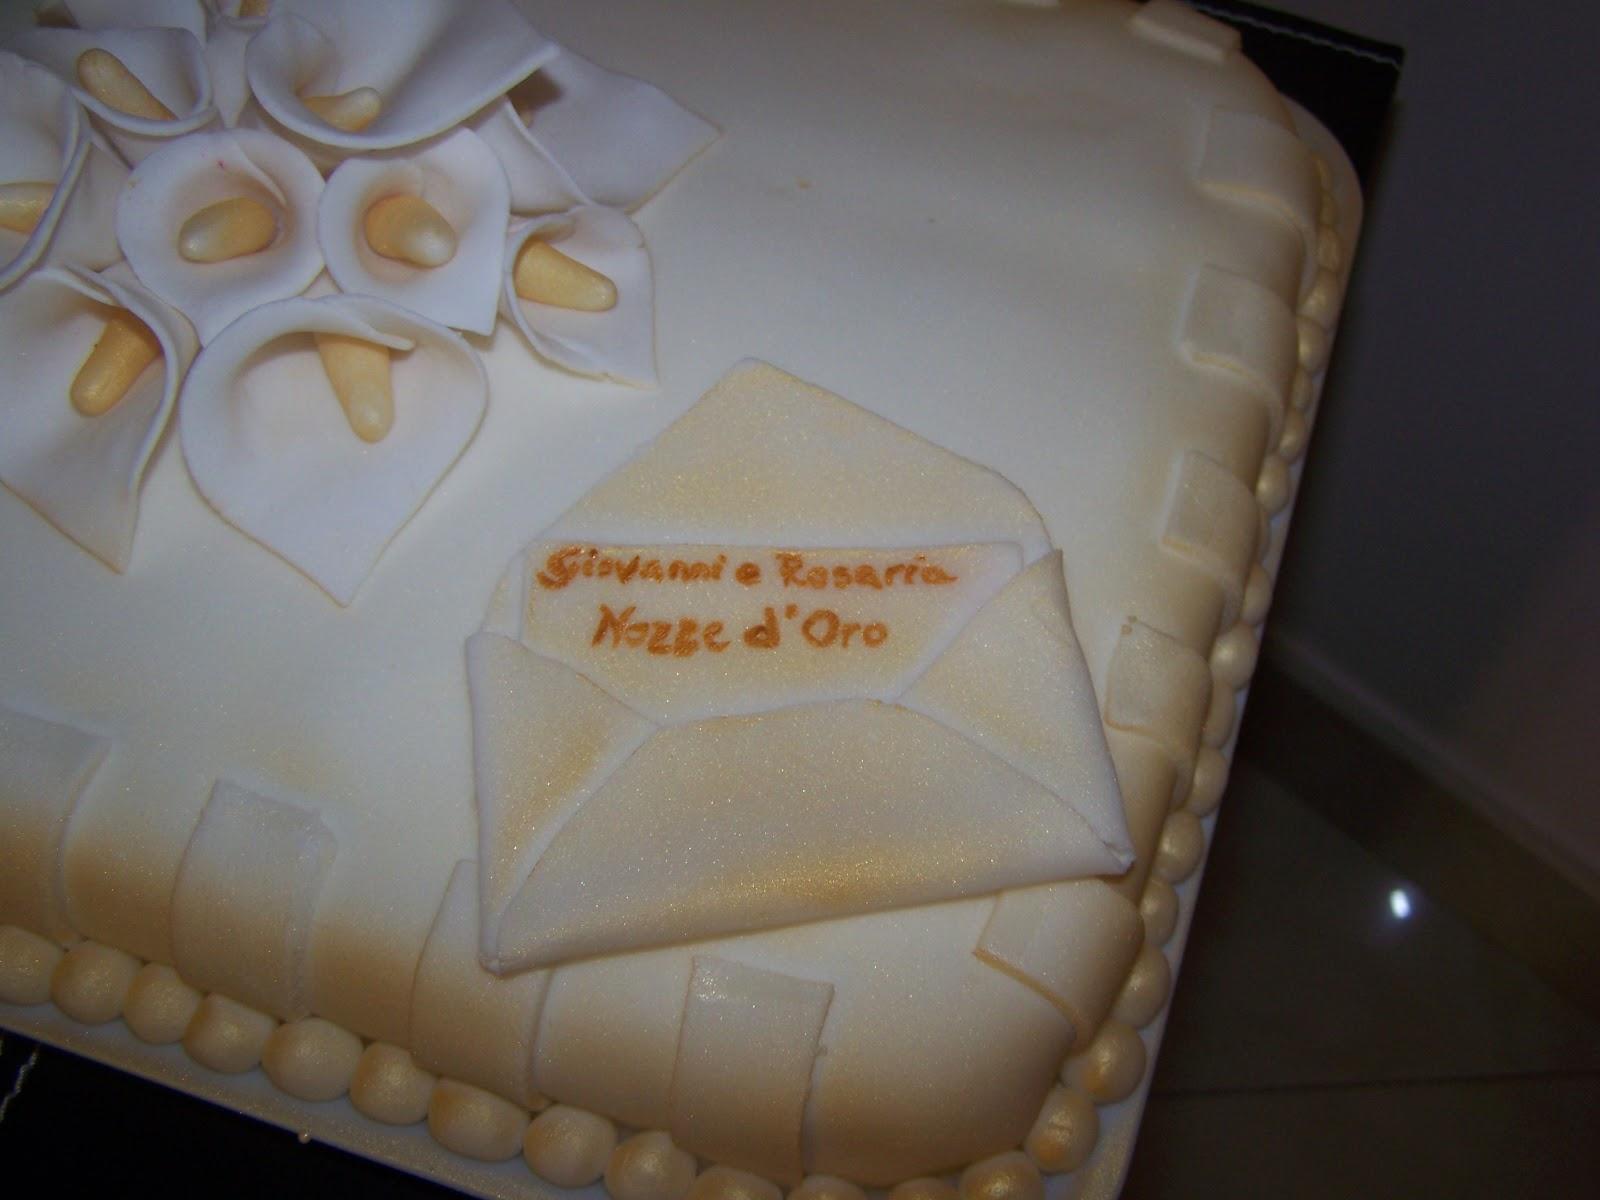 Un bab per amico torta per i 50 anni di matrimonio for Decorazione torte per 50 anni di matrimonio